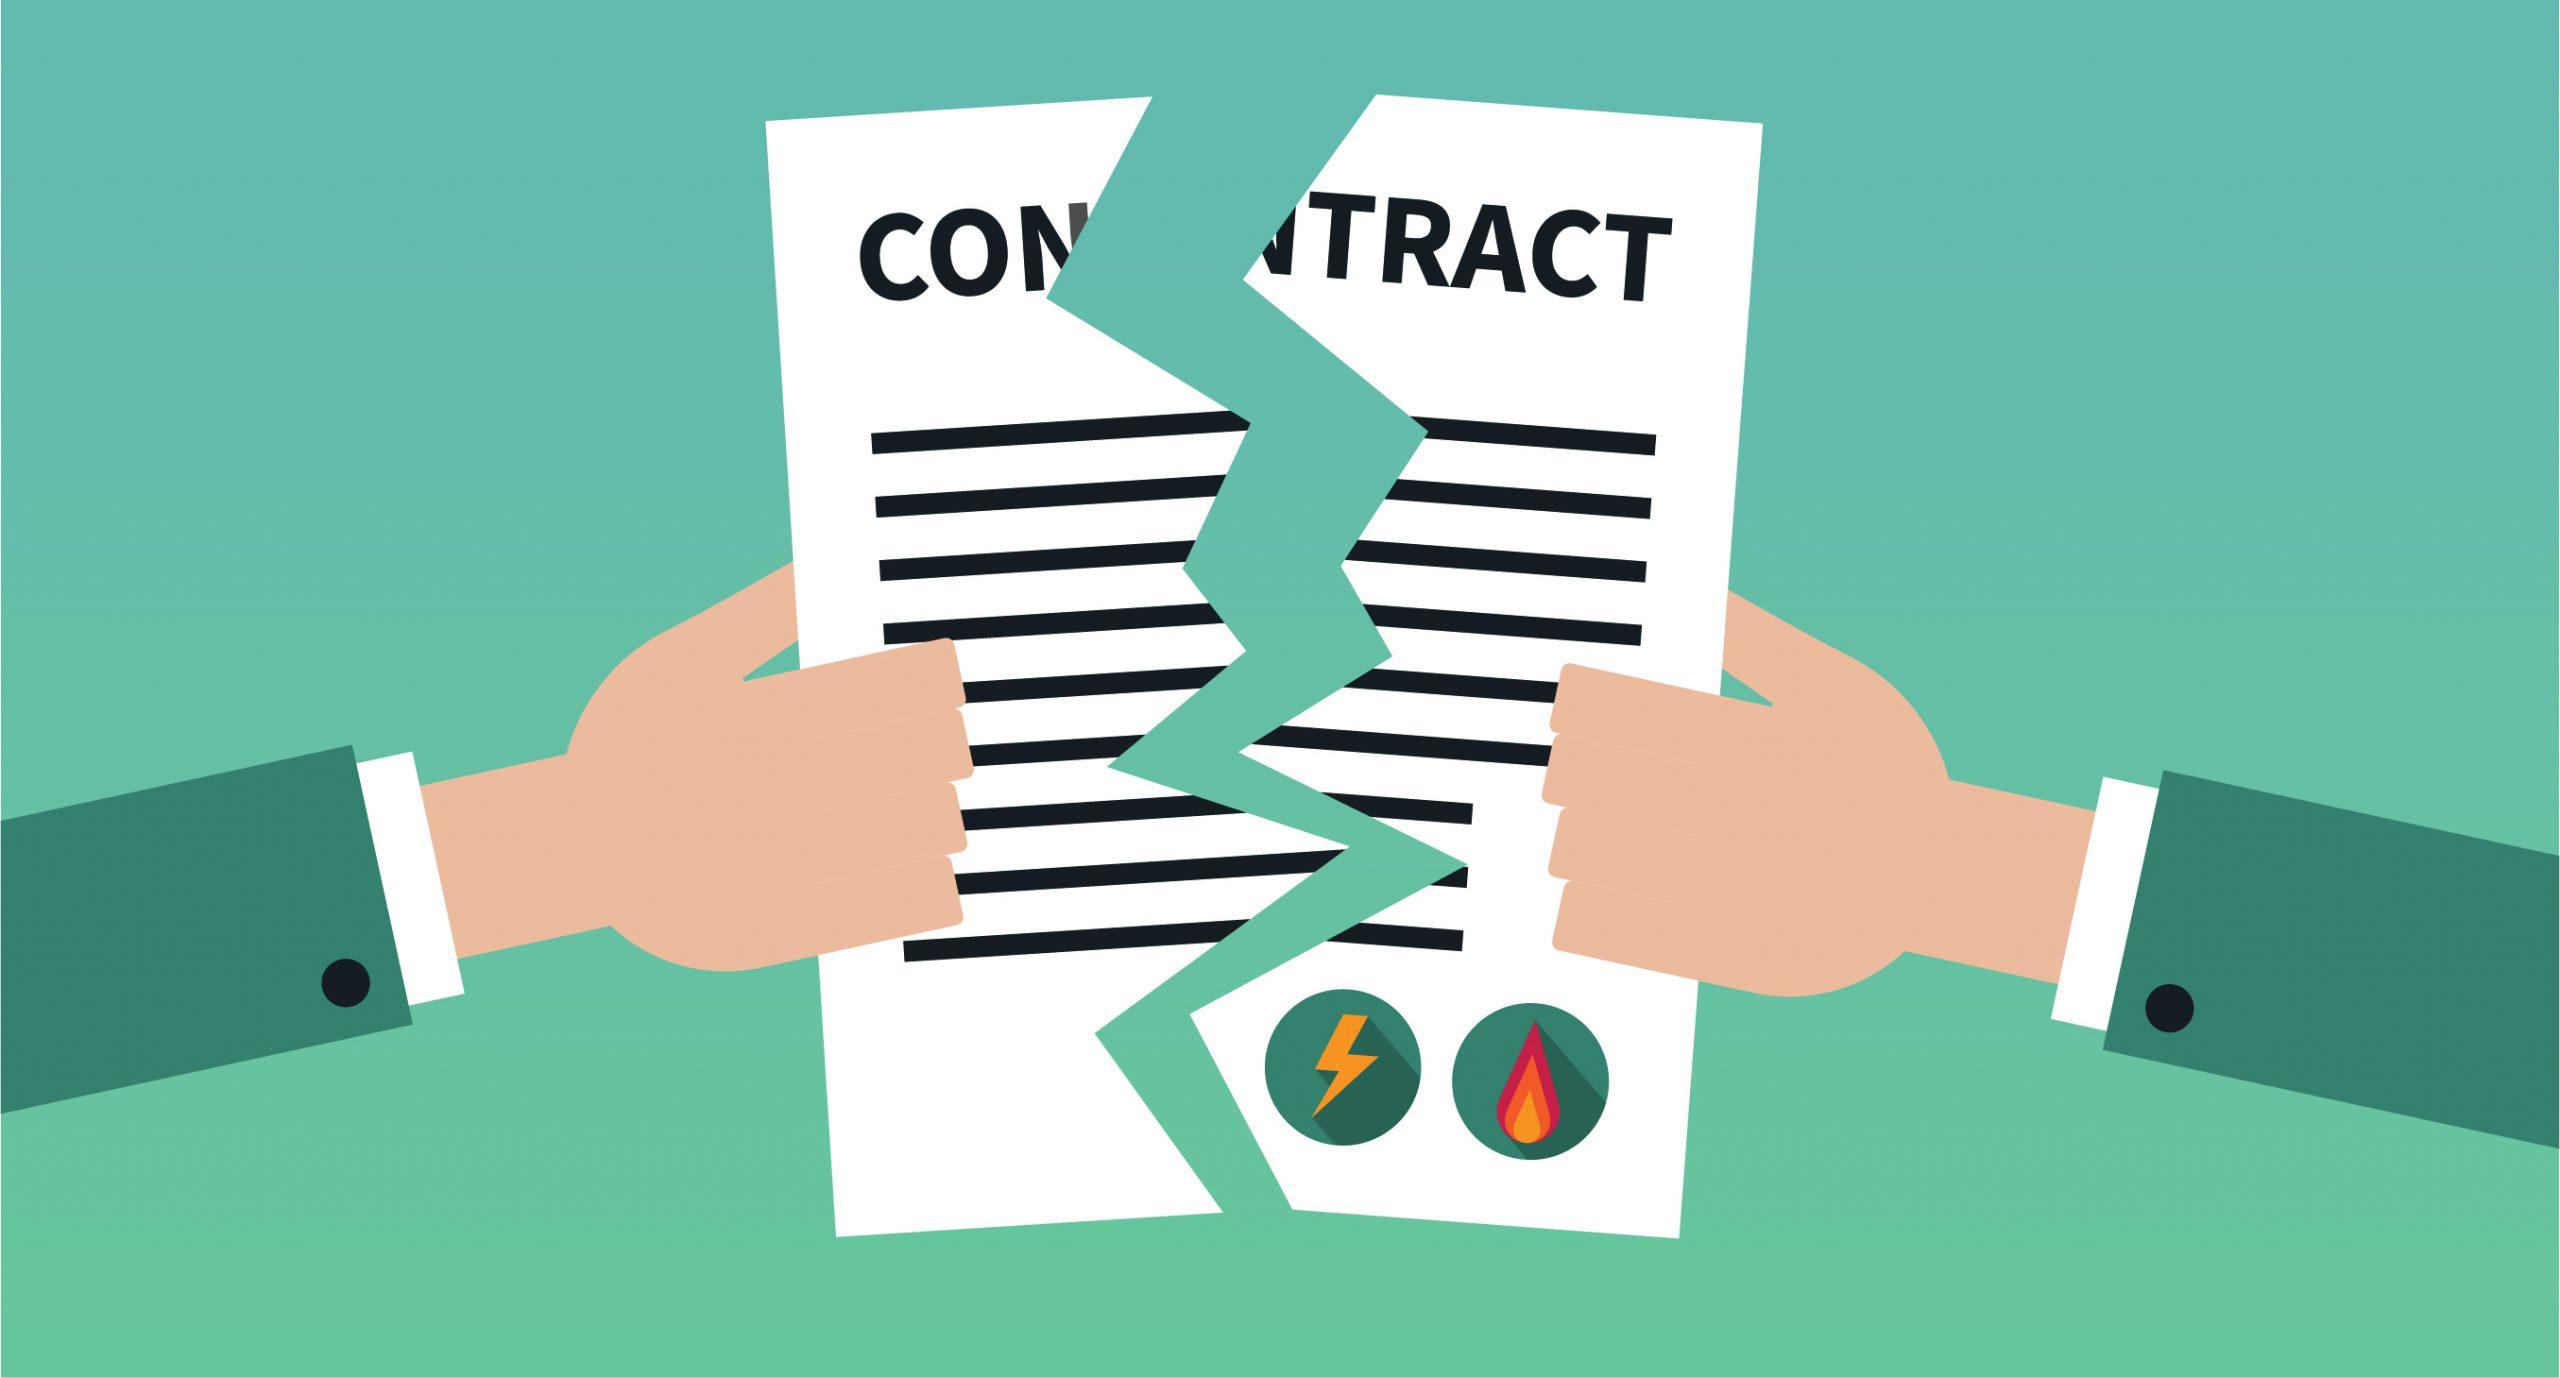 Is het openbreken van mijn contract verstandig?